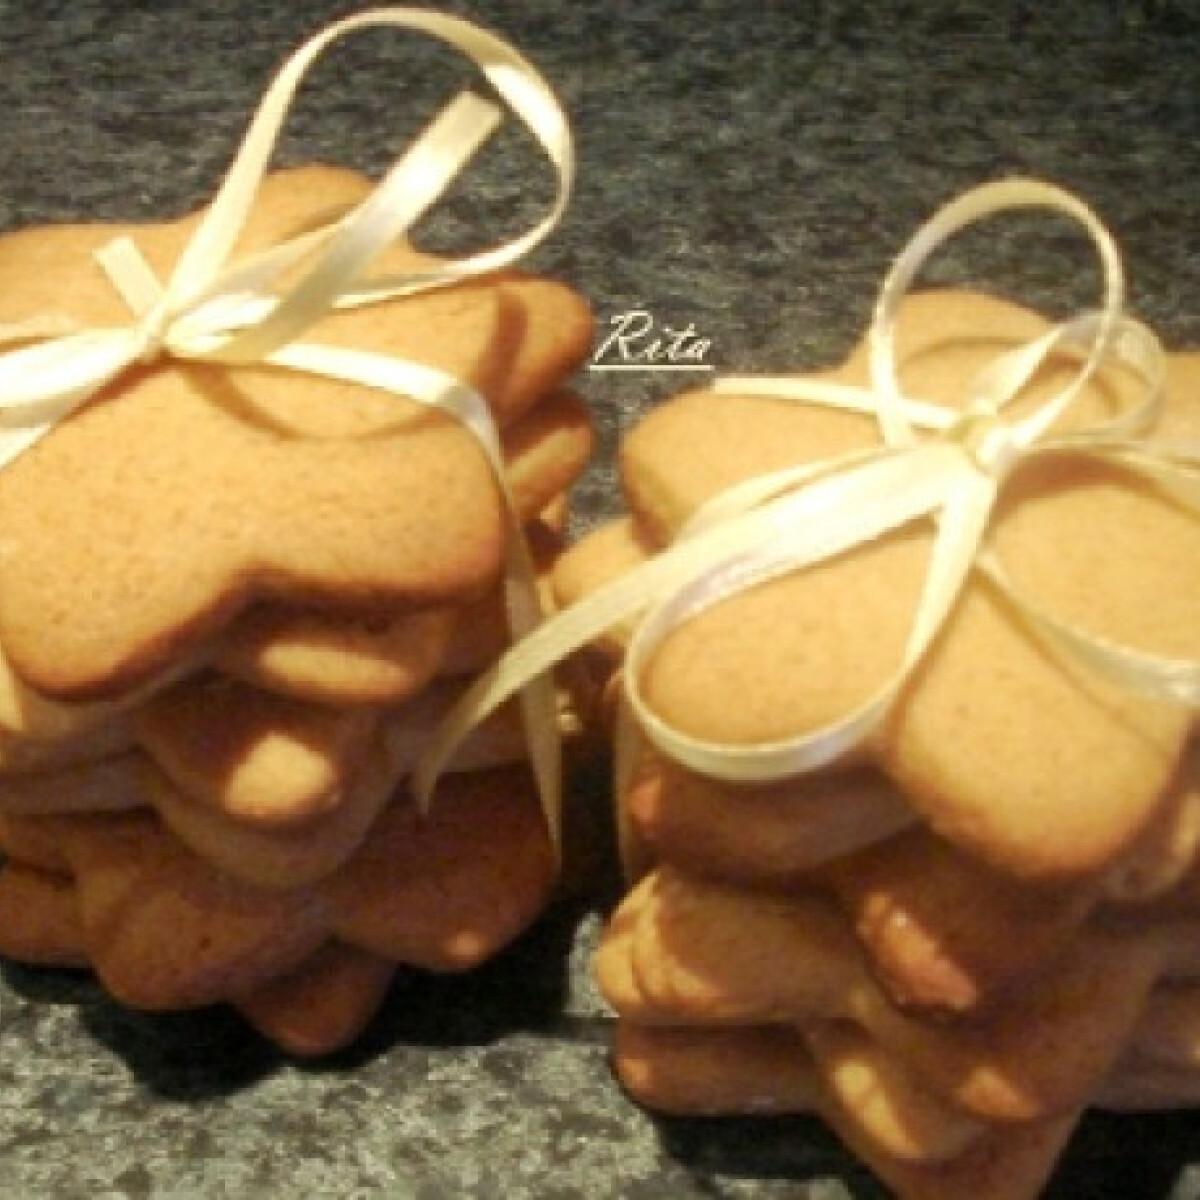 Svéd gyömbéres kekszek TraRitától